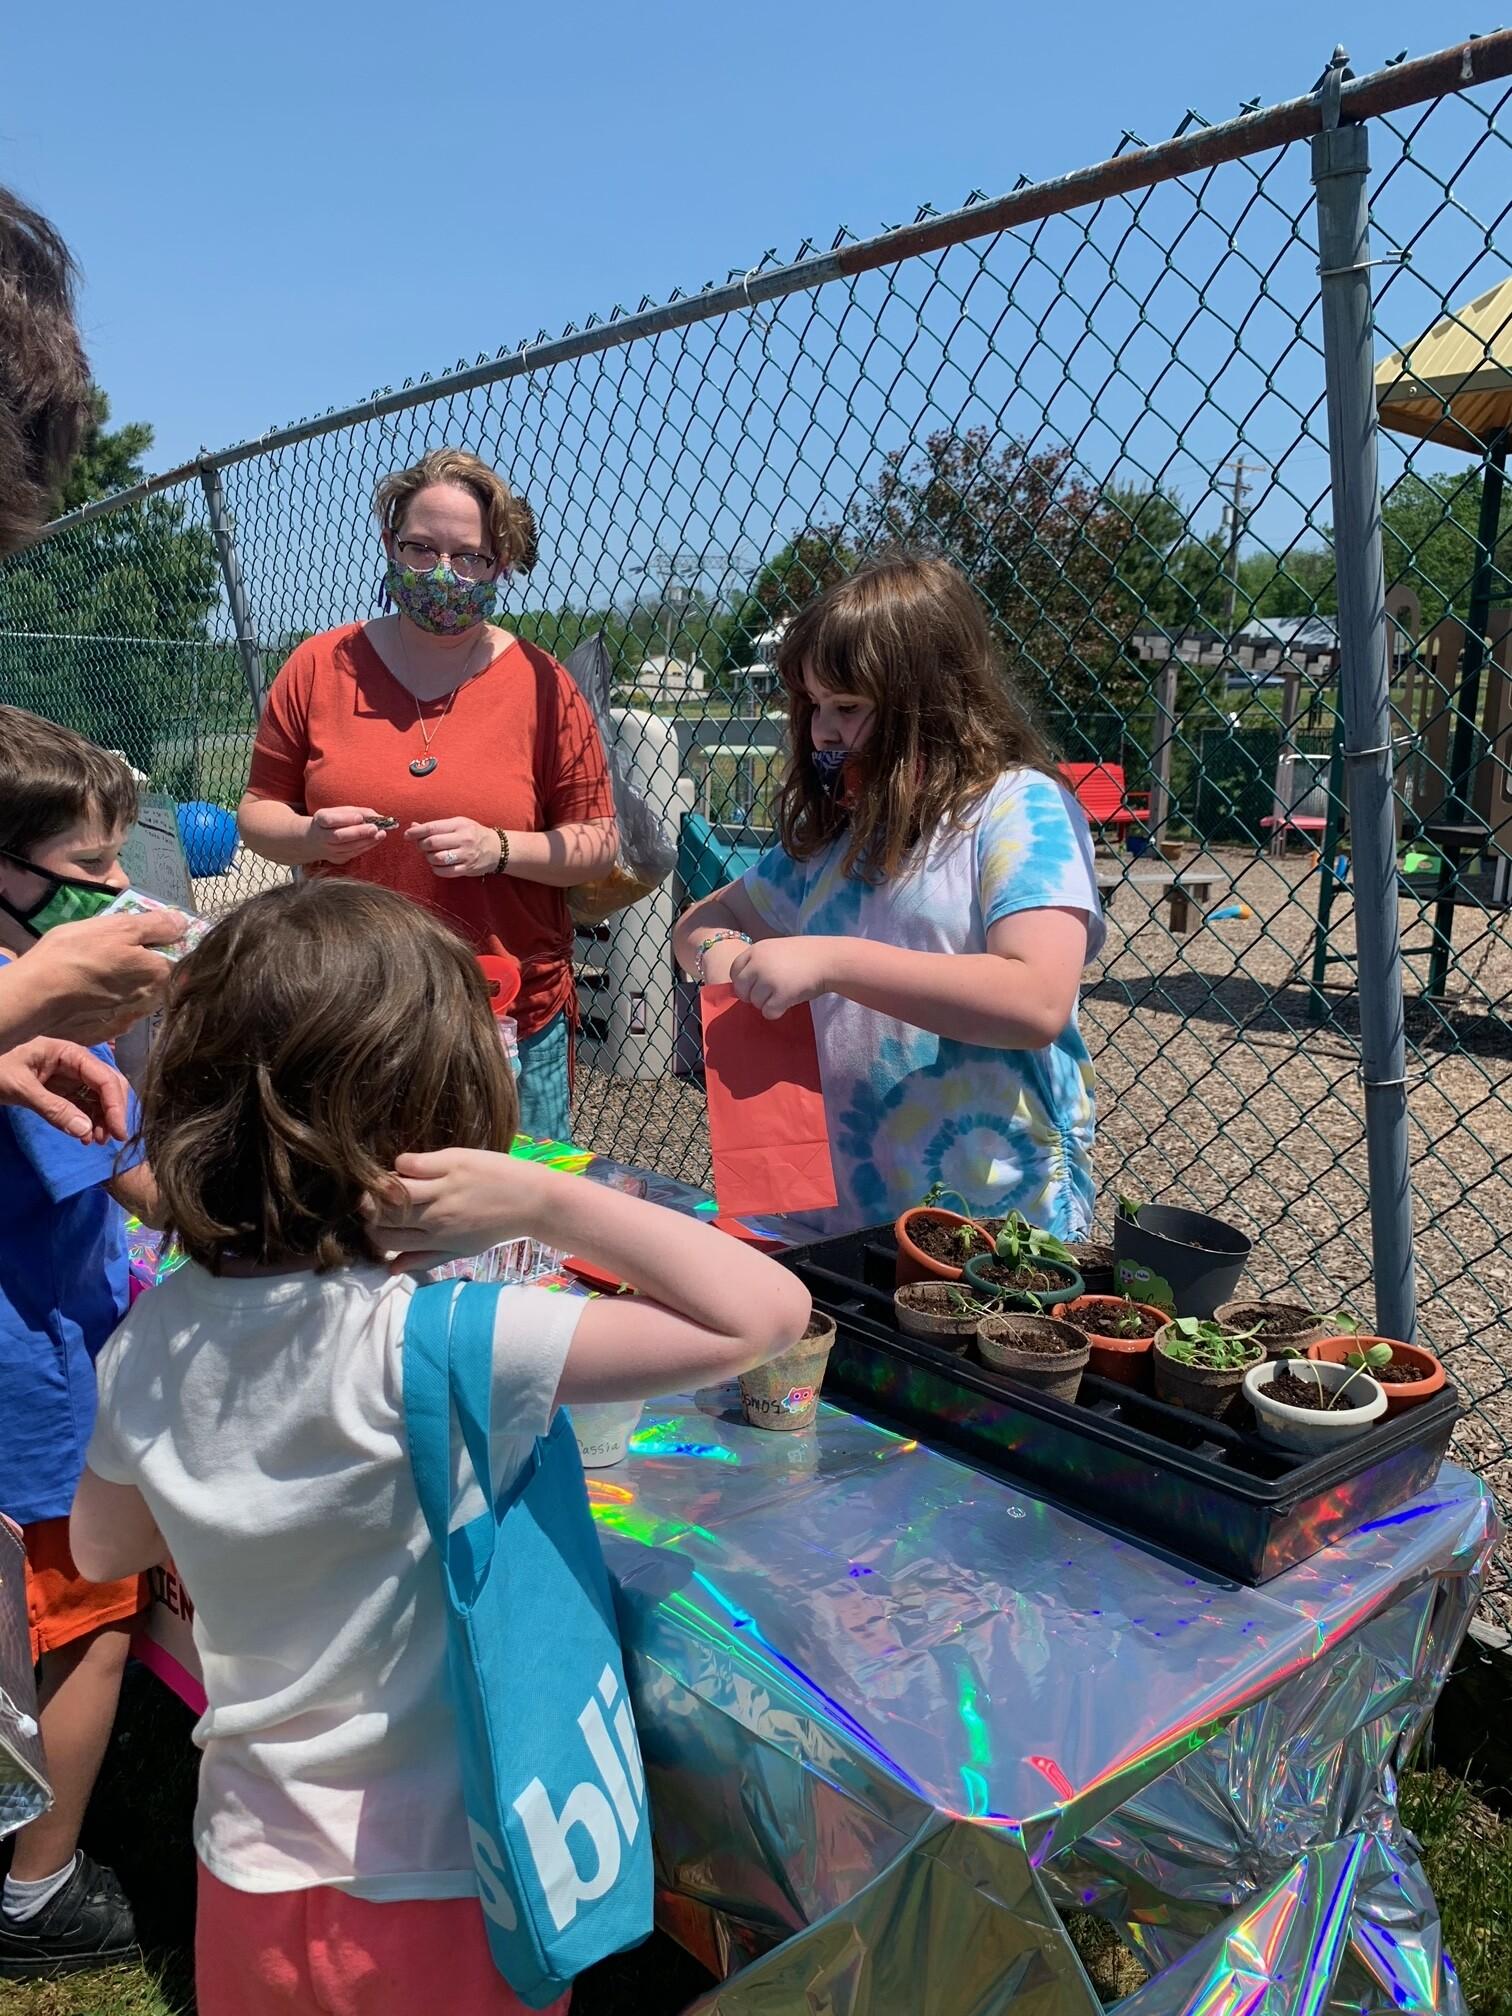 Children's World Market Day - 12